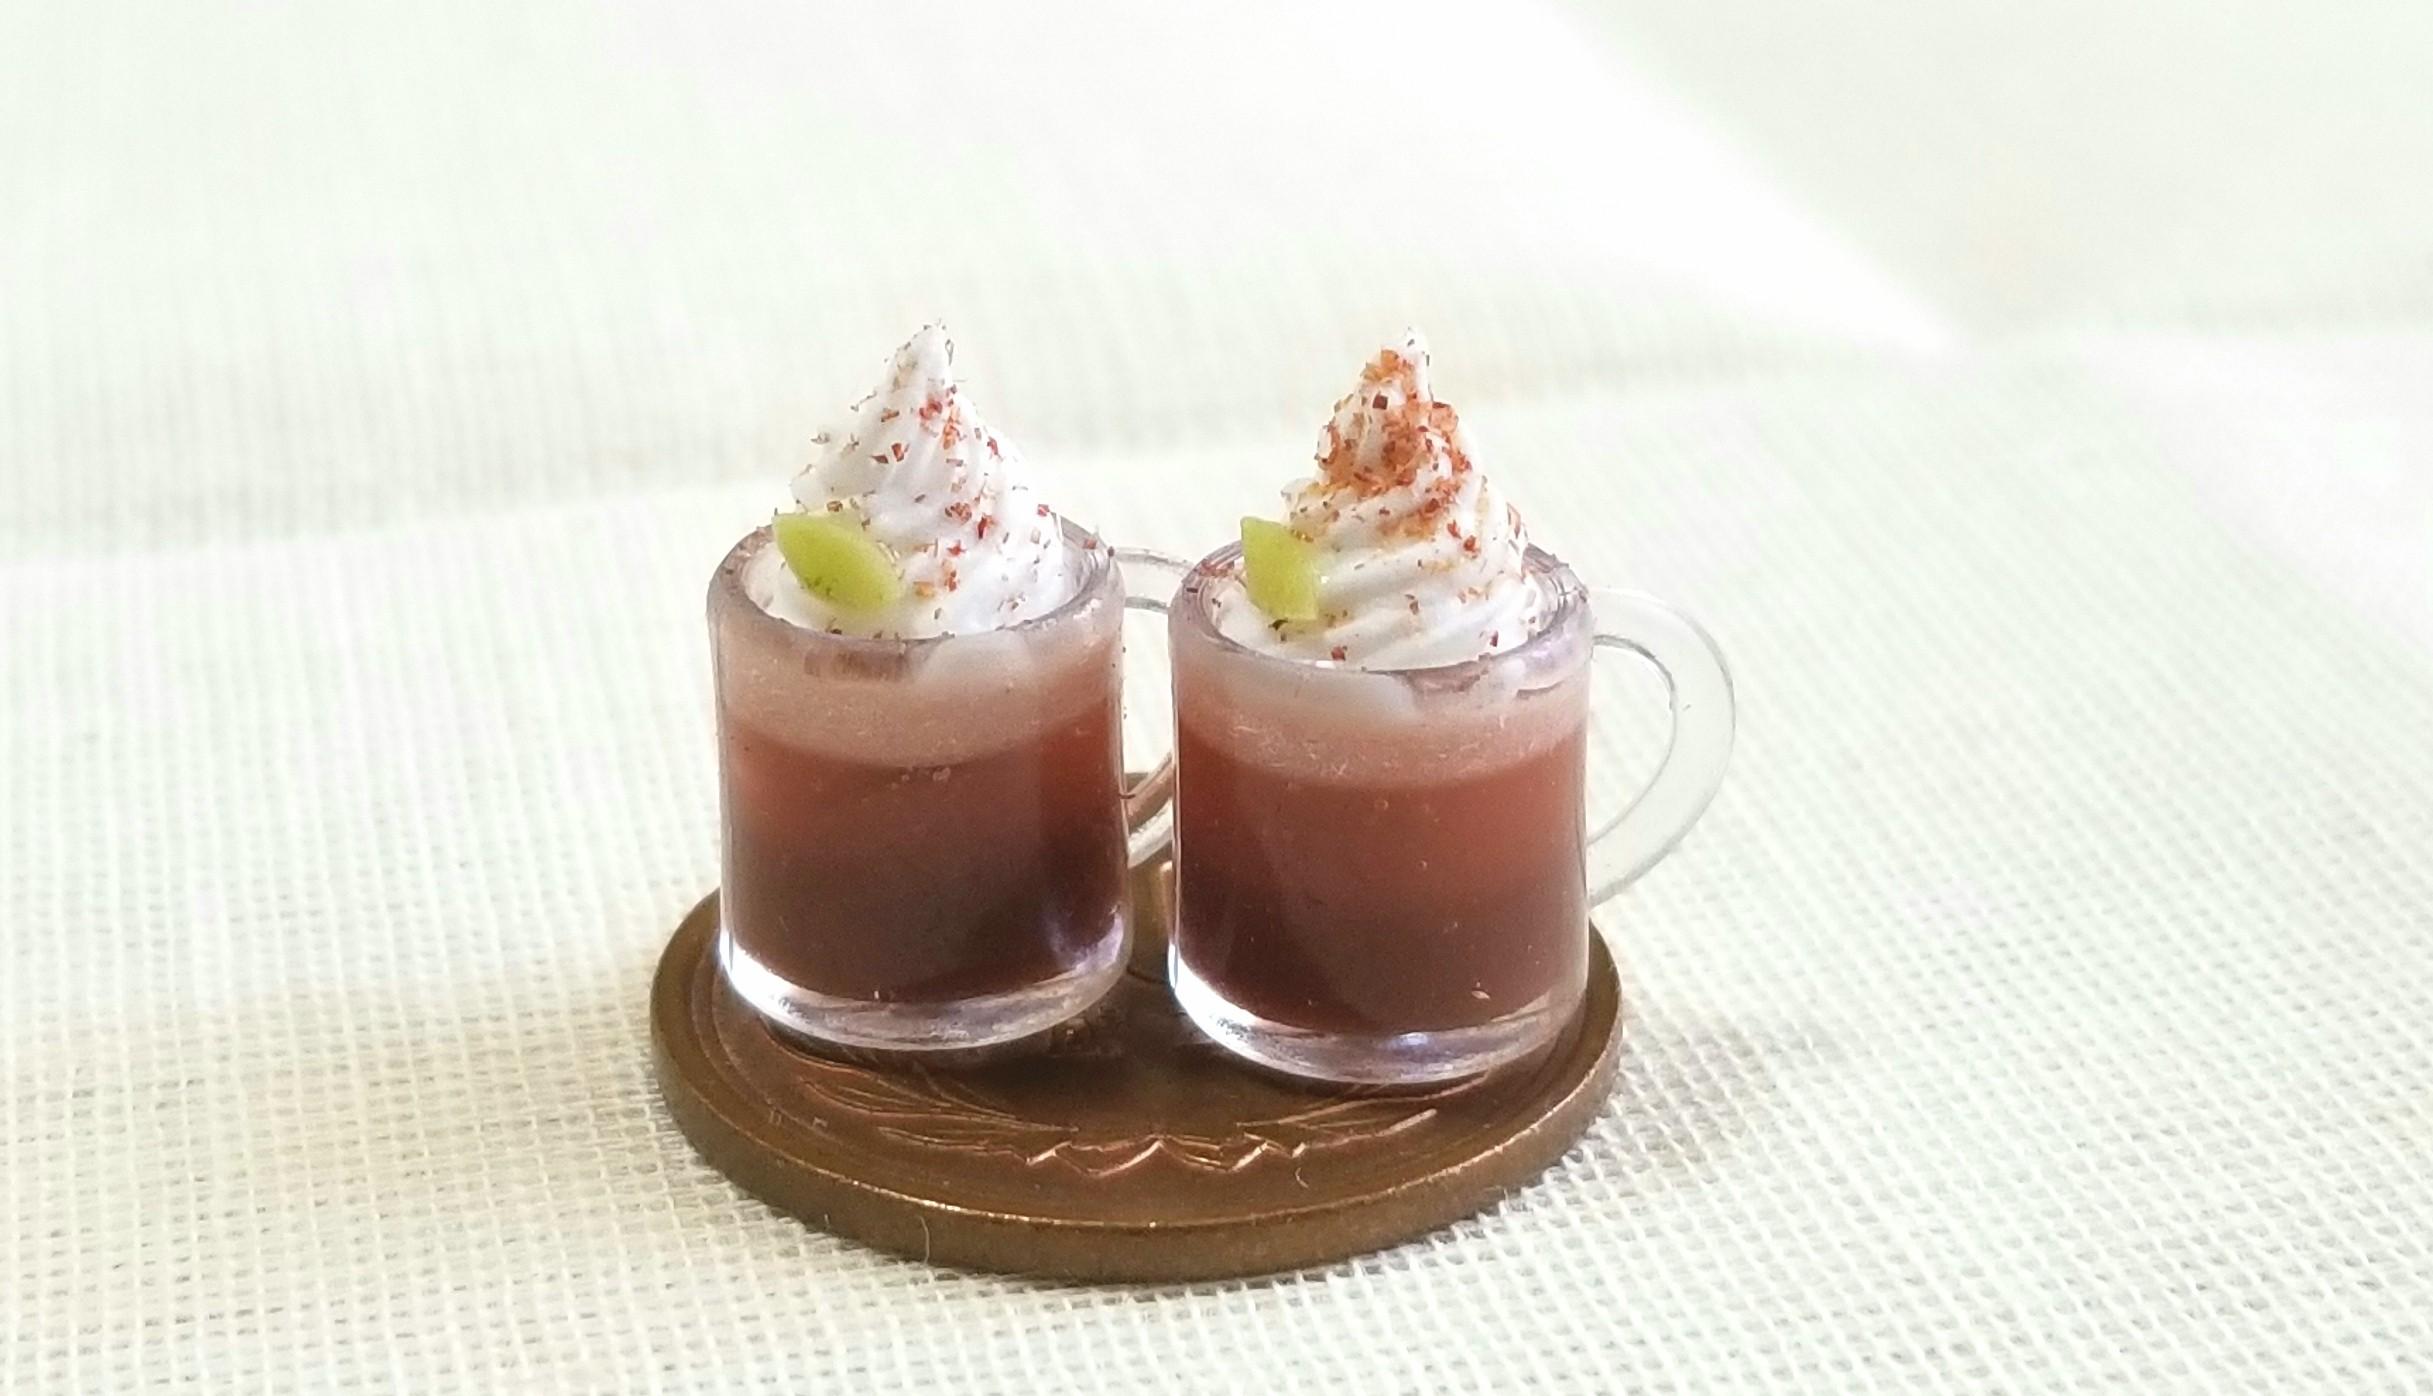 ココアフロート,生クリーム,ミンネ,UVレジン,ホイップ粘土,ドール